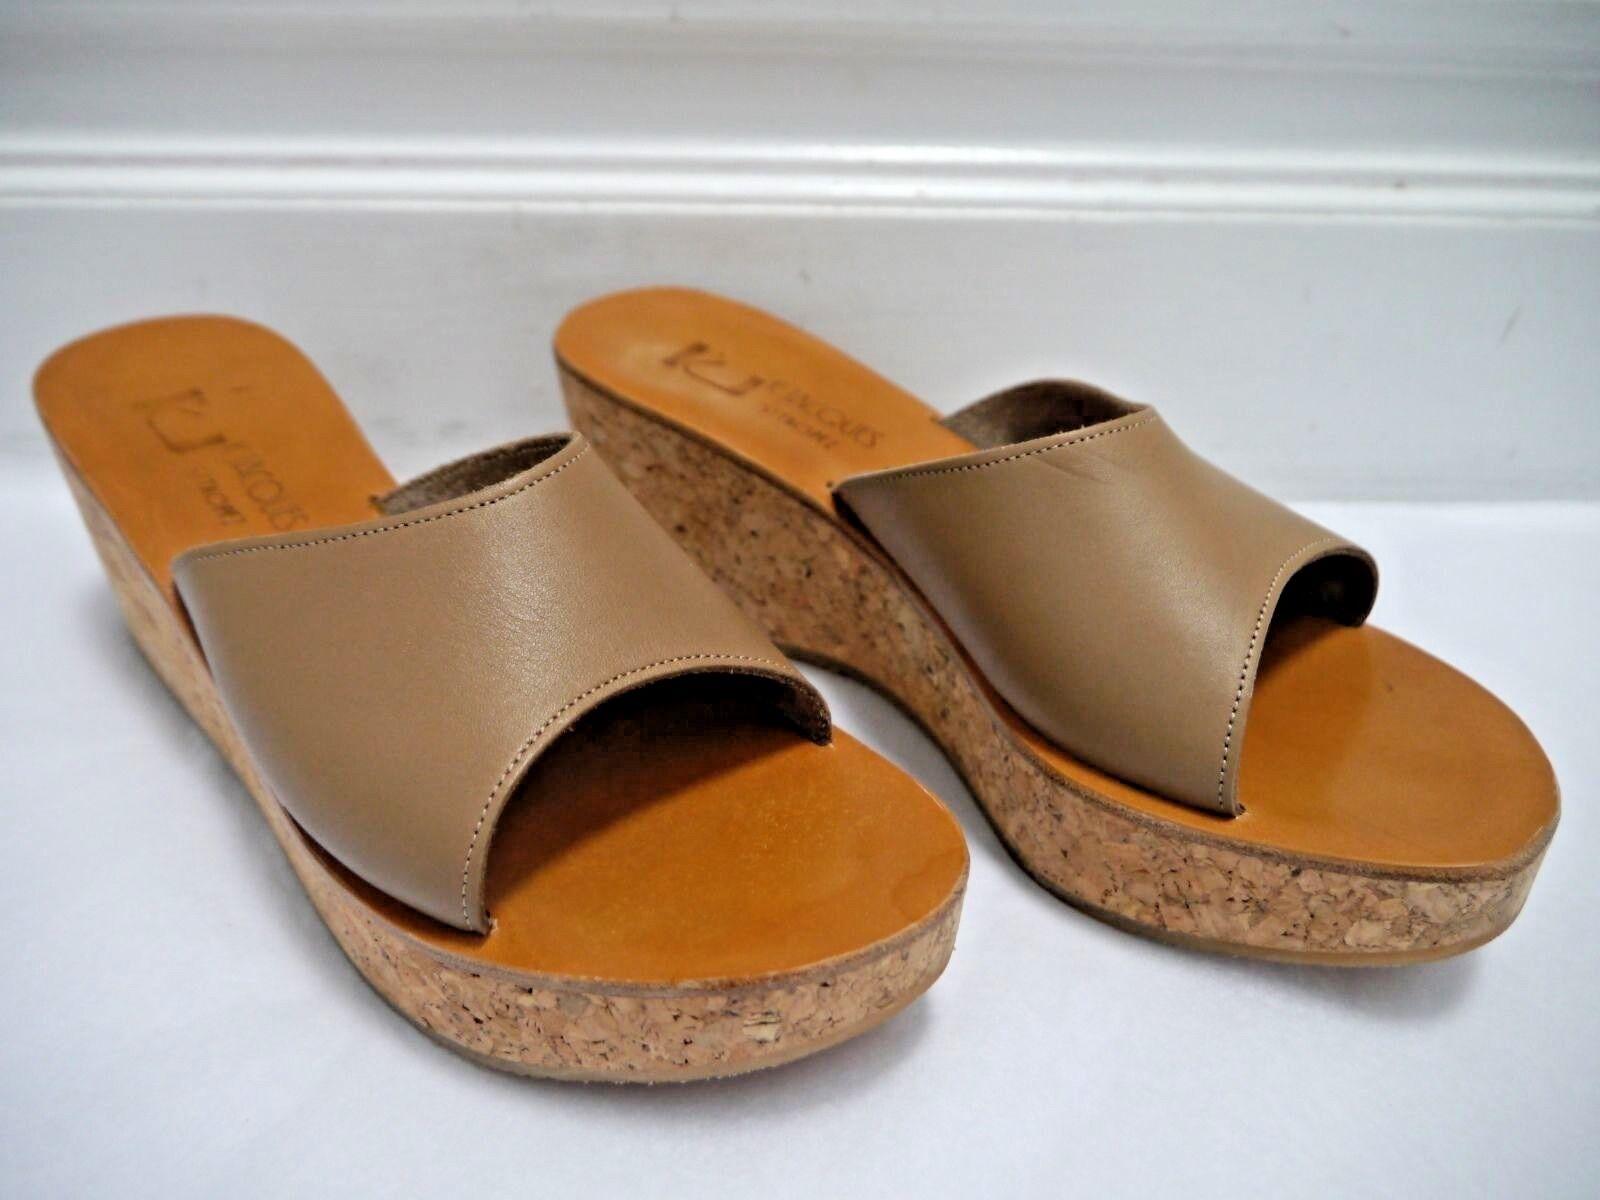 NUOVO K. JACQUES  312 taupe cuoio sughero  in pelle Coloreee Marroneee sandali di dimensione 41  grandi prezzi scontati